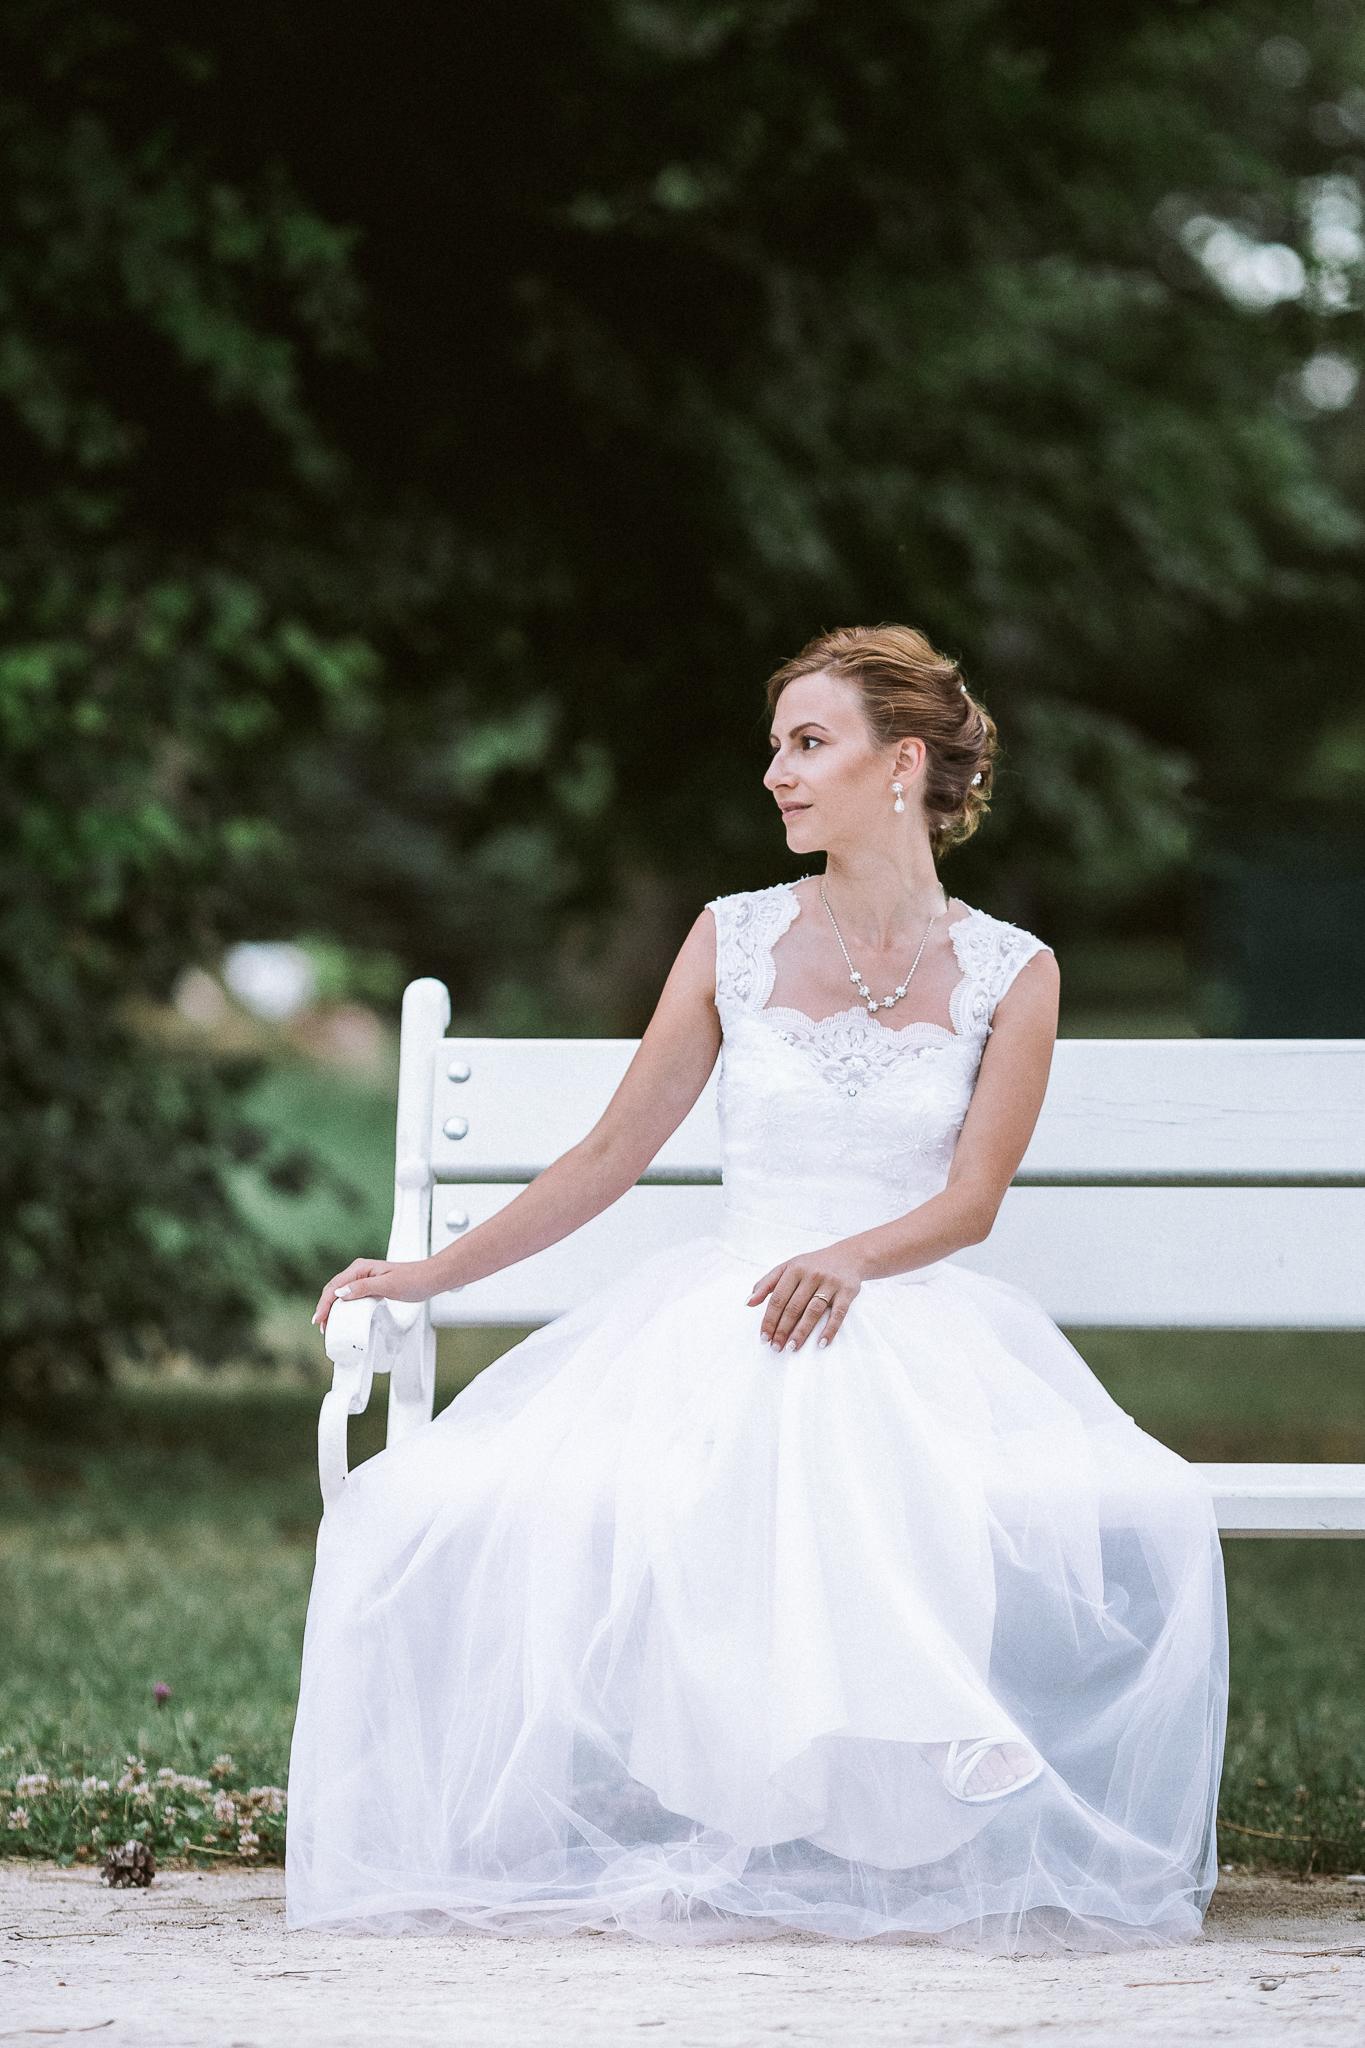 FylepPhoto, esküvőfotós, esküvői fotós Körmend, Szombathely, esküvőfotózás, magyarország, vas megye, prémium, jegyesfotózás, Fülöp Péter, körmend, kreatív, fotográfus_47-2.jpg